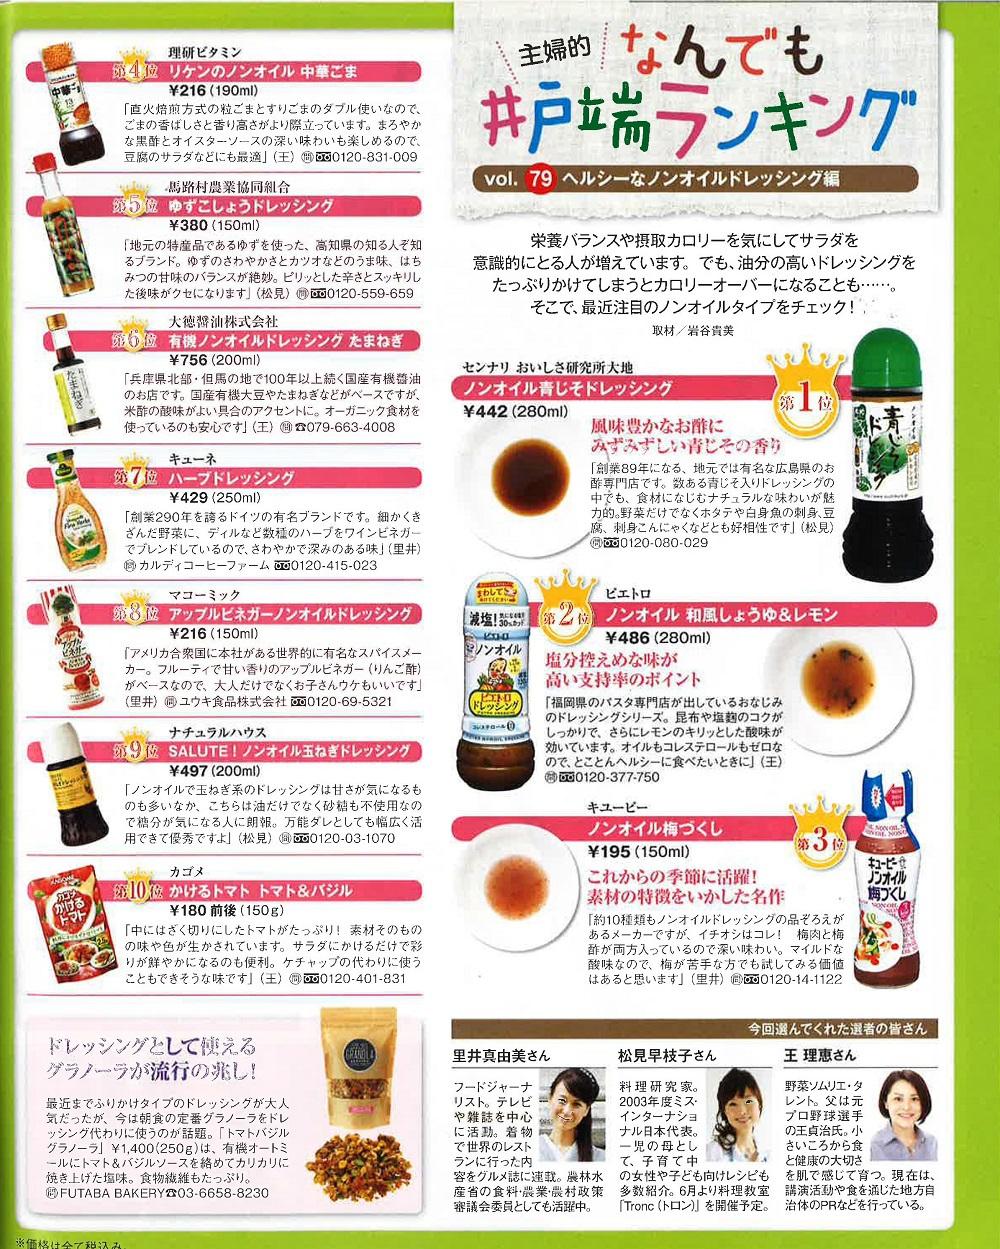 女性自身5月31日号掲載 ランキング第一位!!